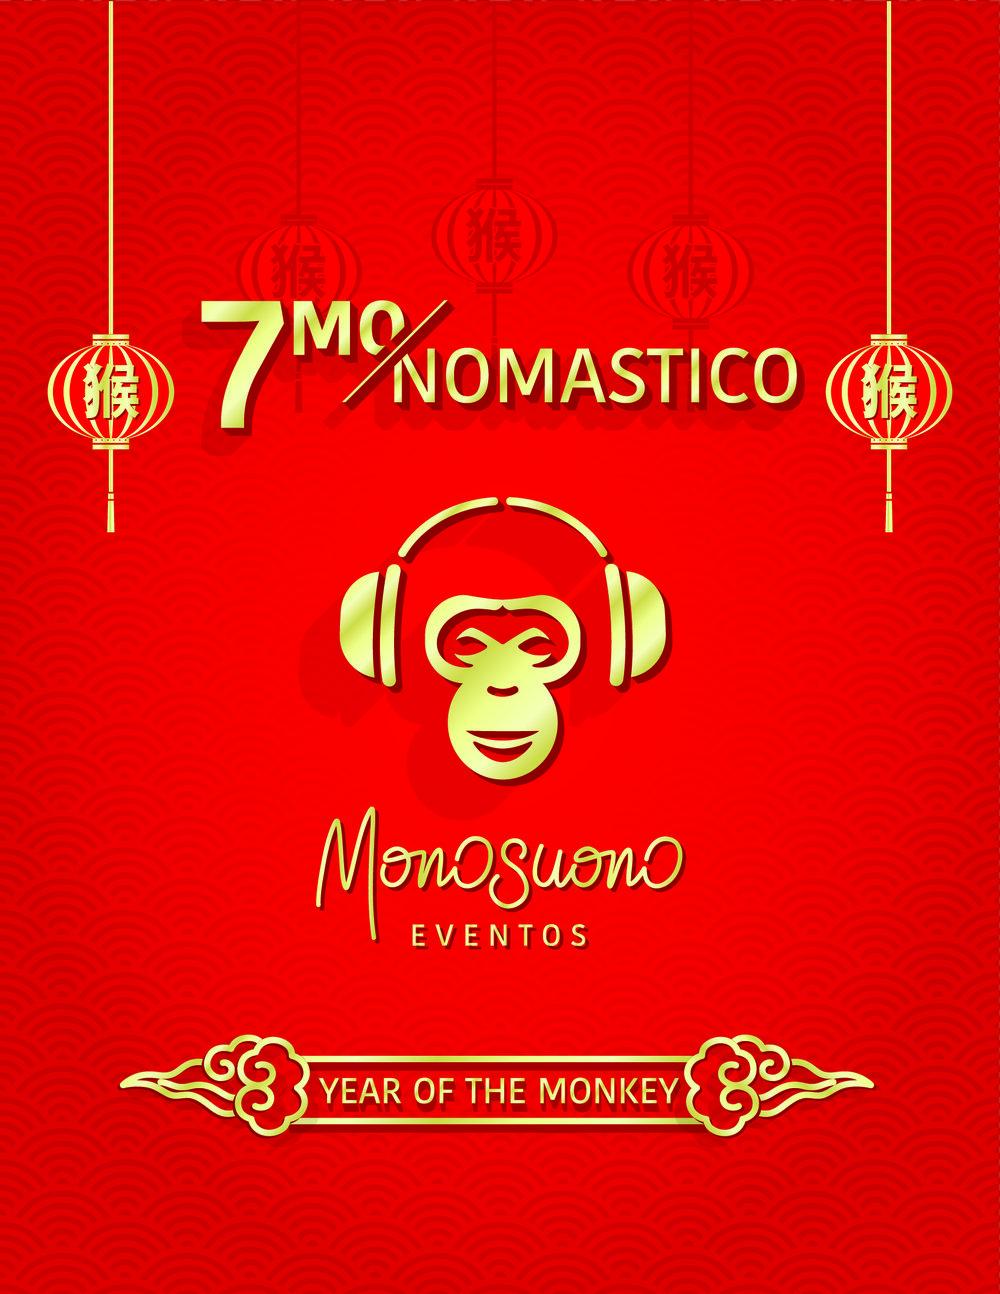 MS_monoaniversario7_postal-01.jpg